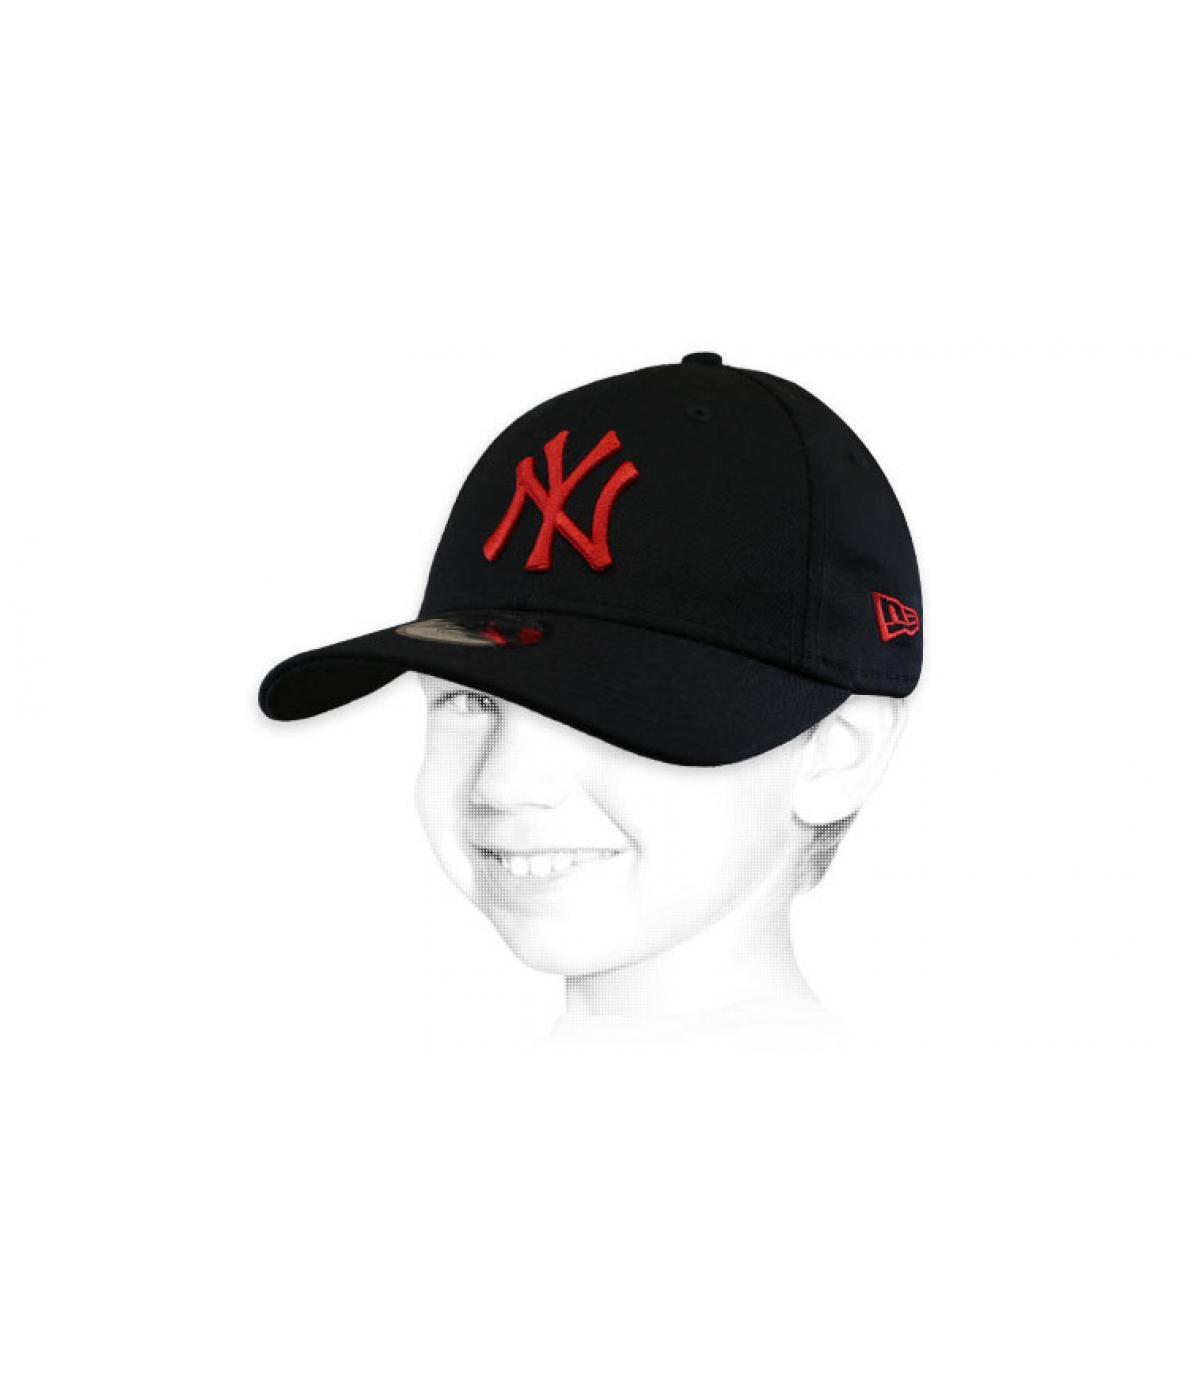 casquette enfant NY noir rouge